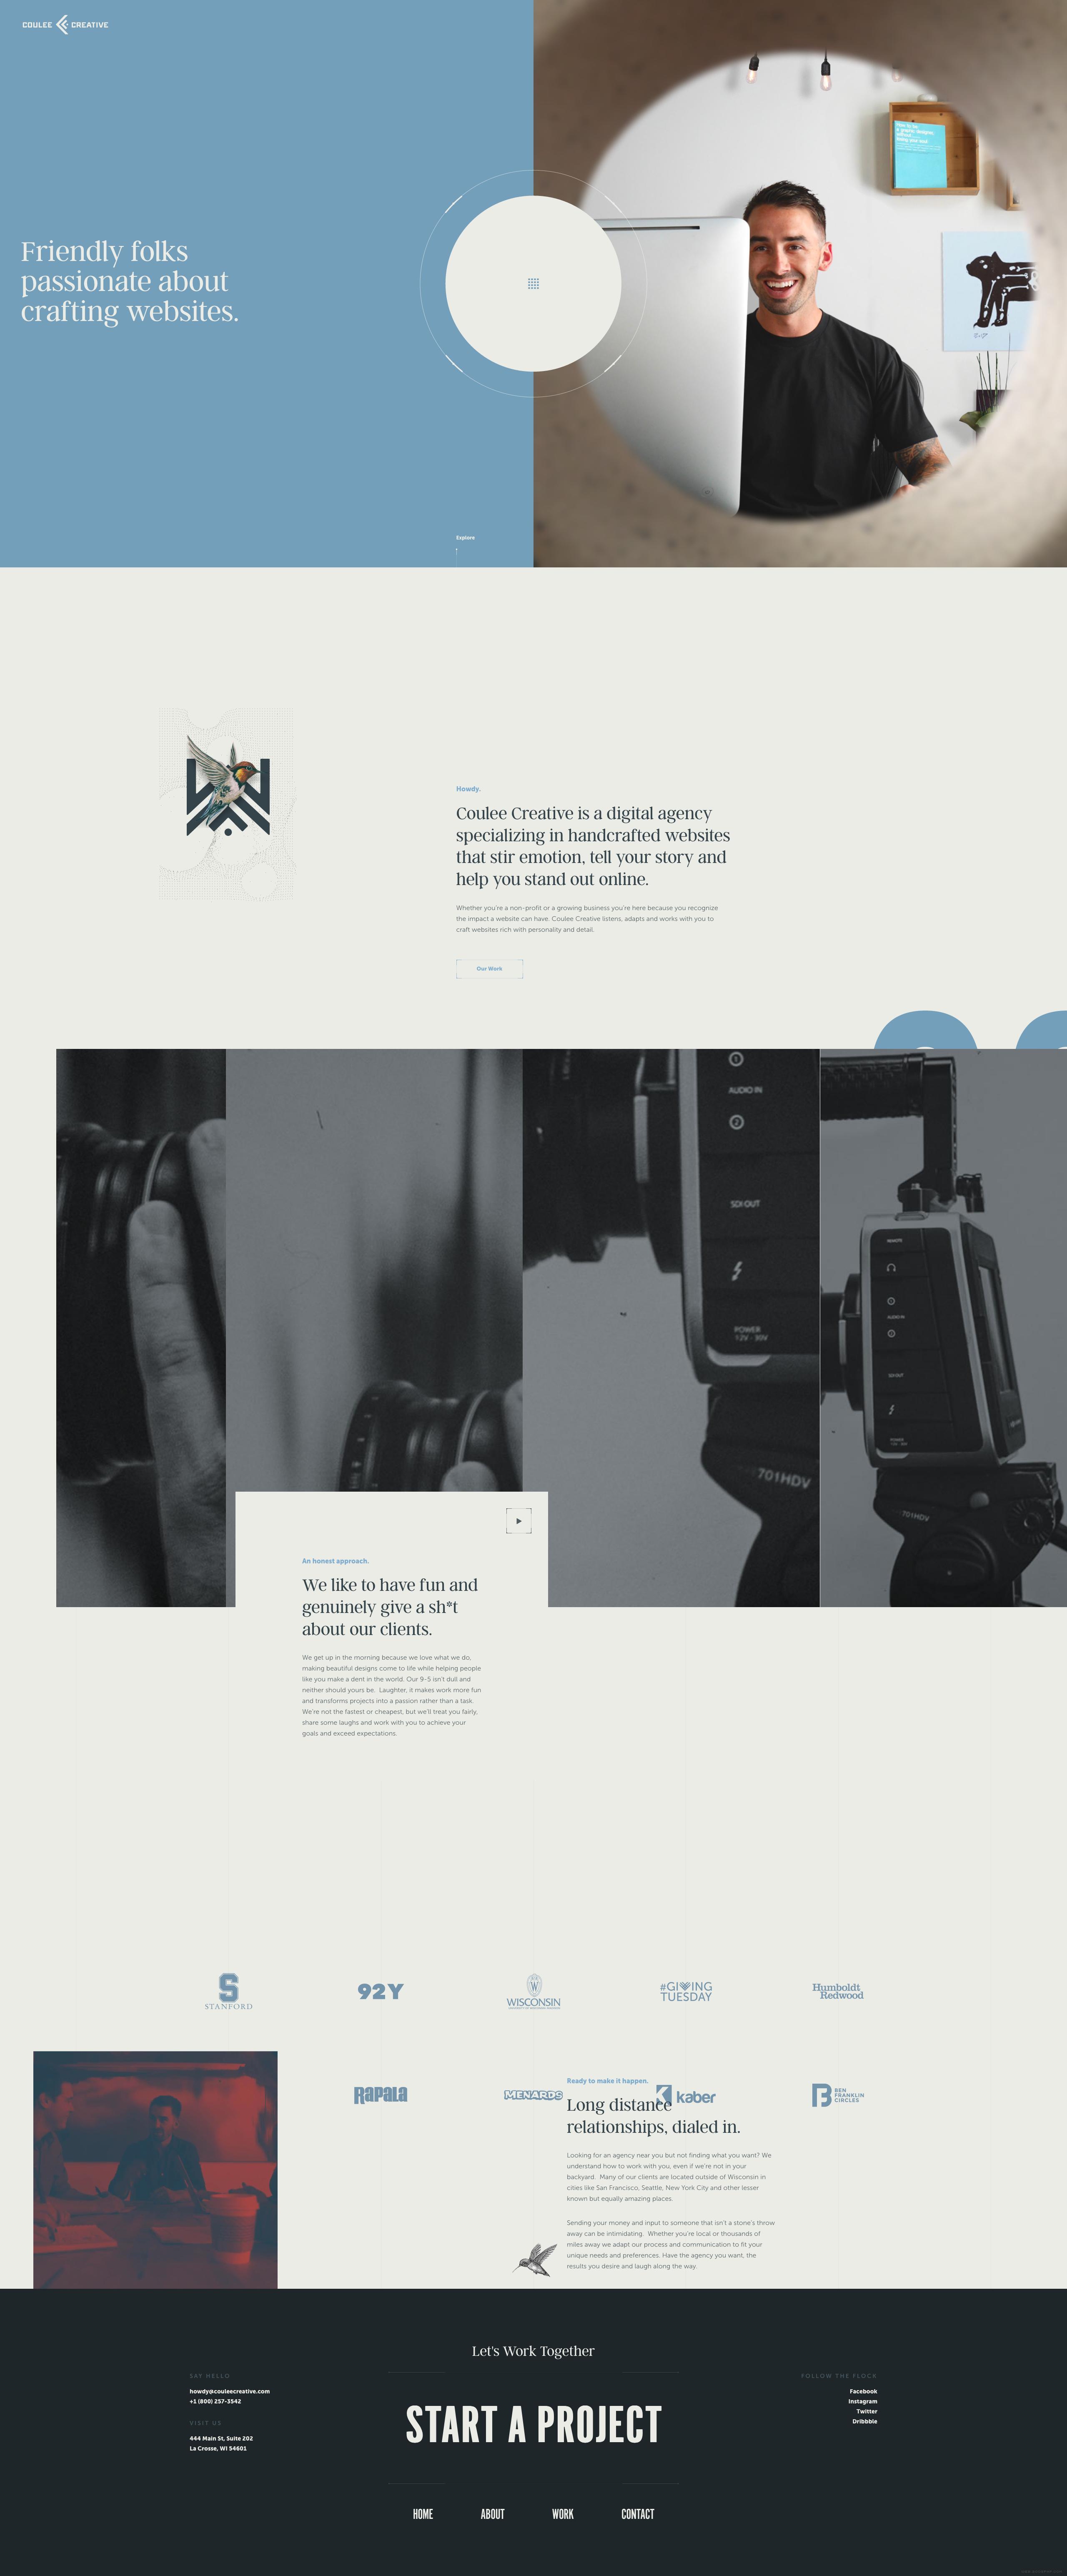 公司成立于2006,是个狡猾的设计师团队,开发人员,文案和战略家遍布图片